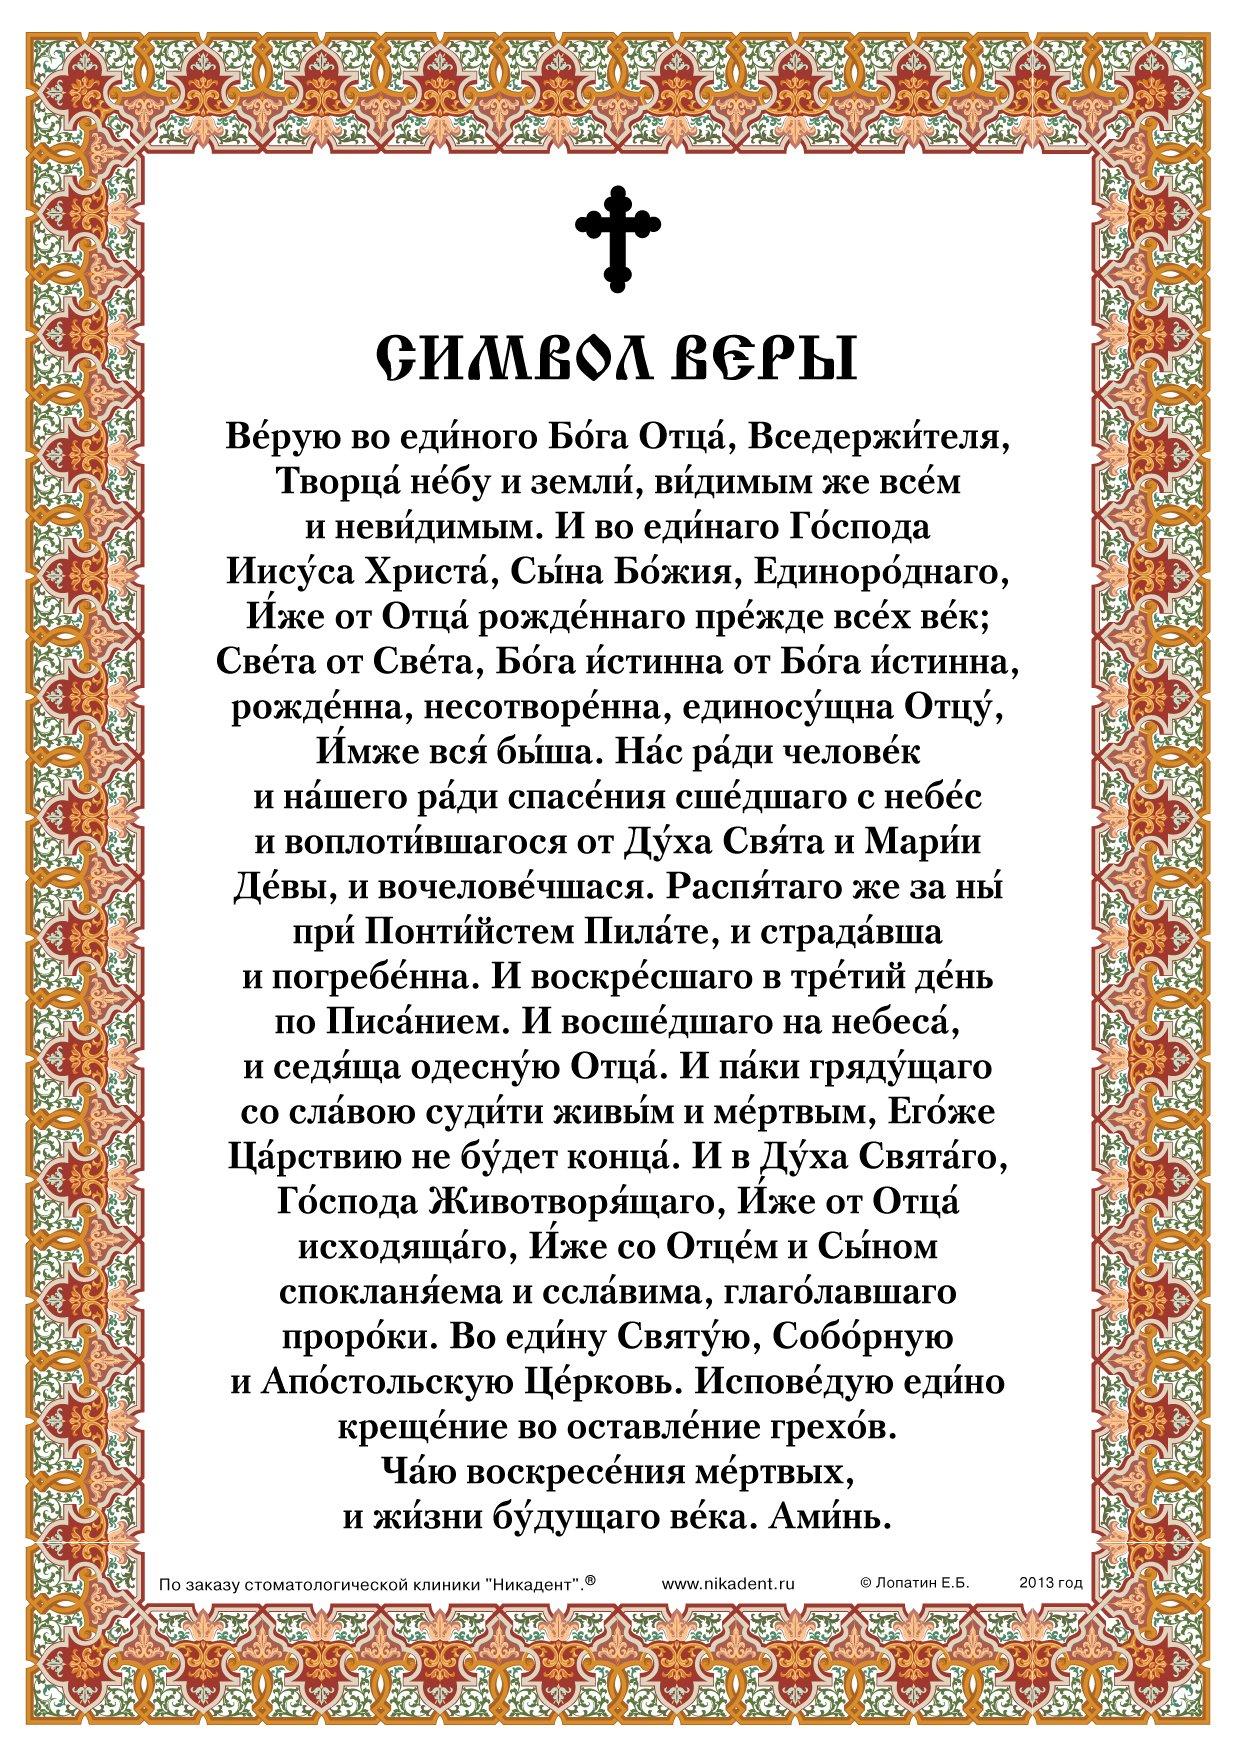 Никео-цареградский символ